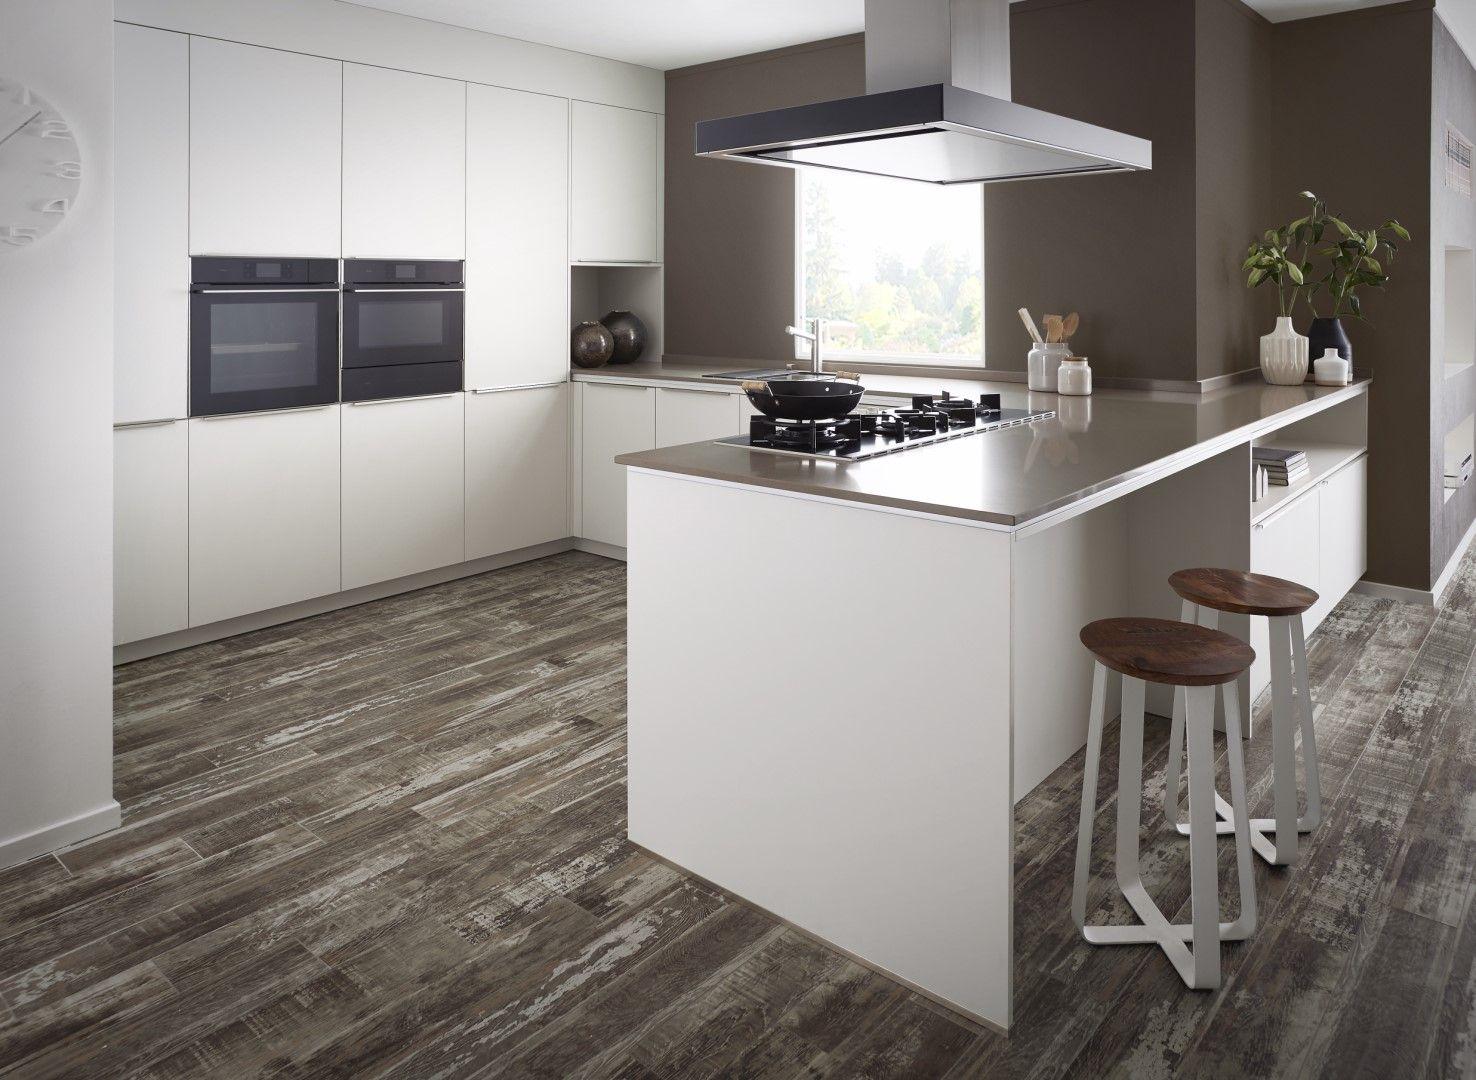 Houten Accessoires Keuken : Witte keukens ogen soms wat kil en strak maar door te combineren